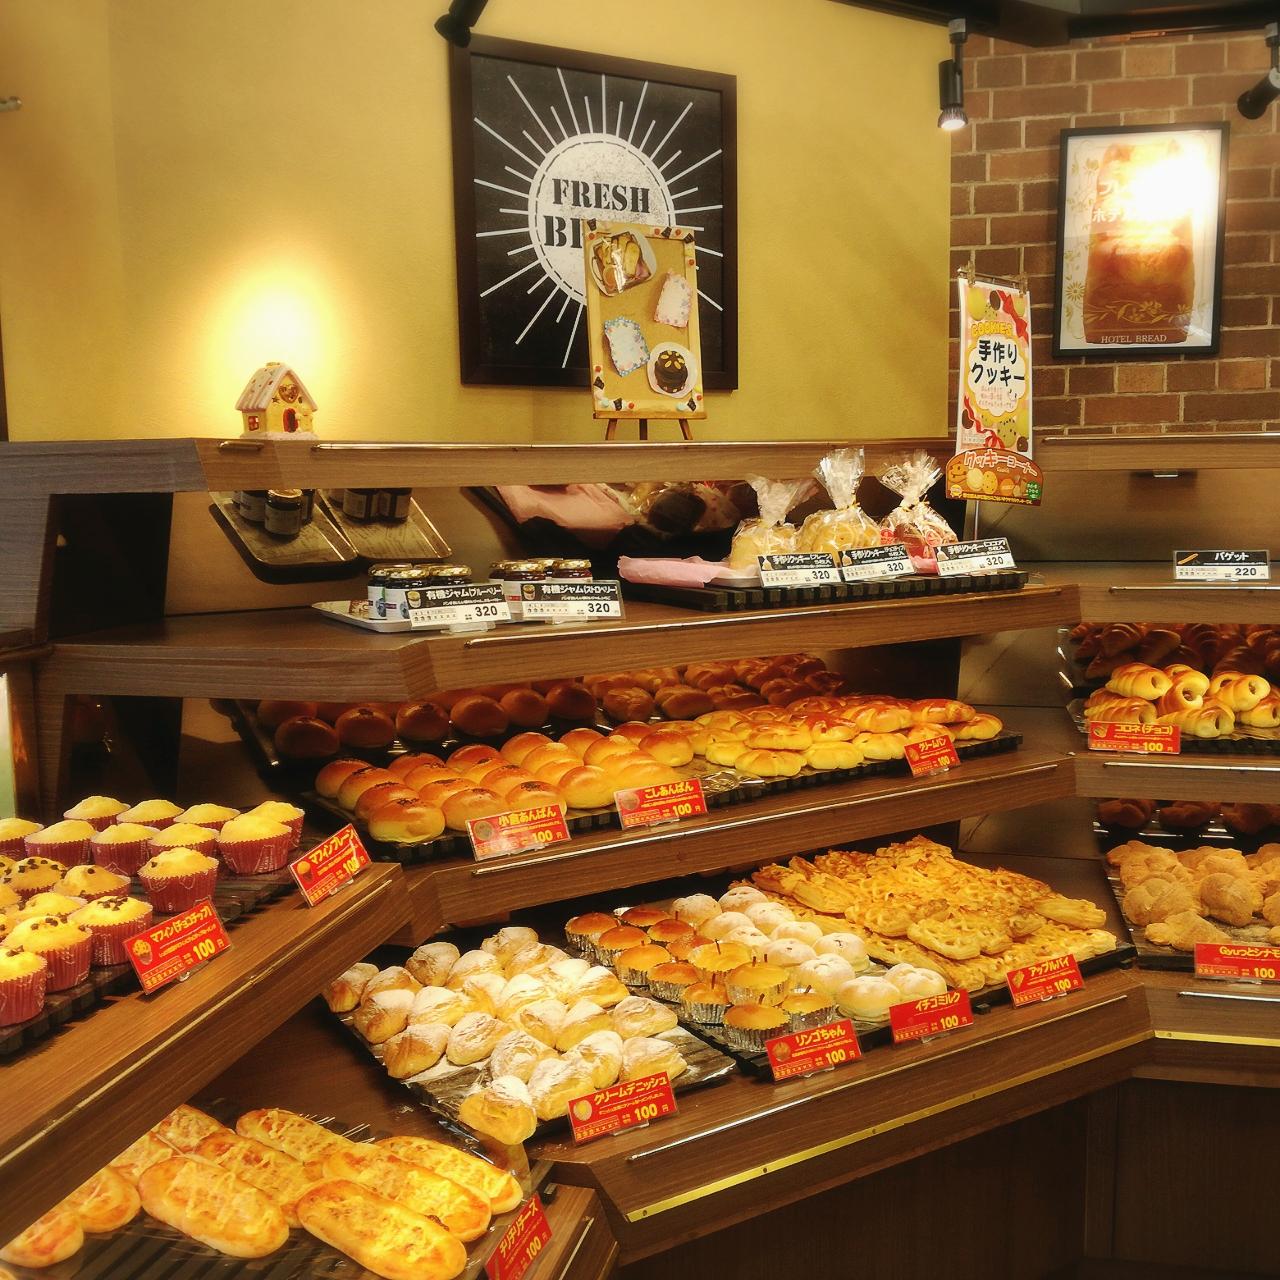 美味しいパンが全て100円のaurore(オーロール)さんの週に1回の大市☆